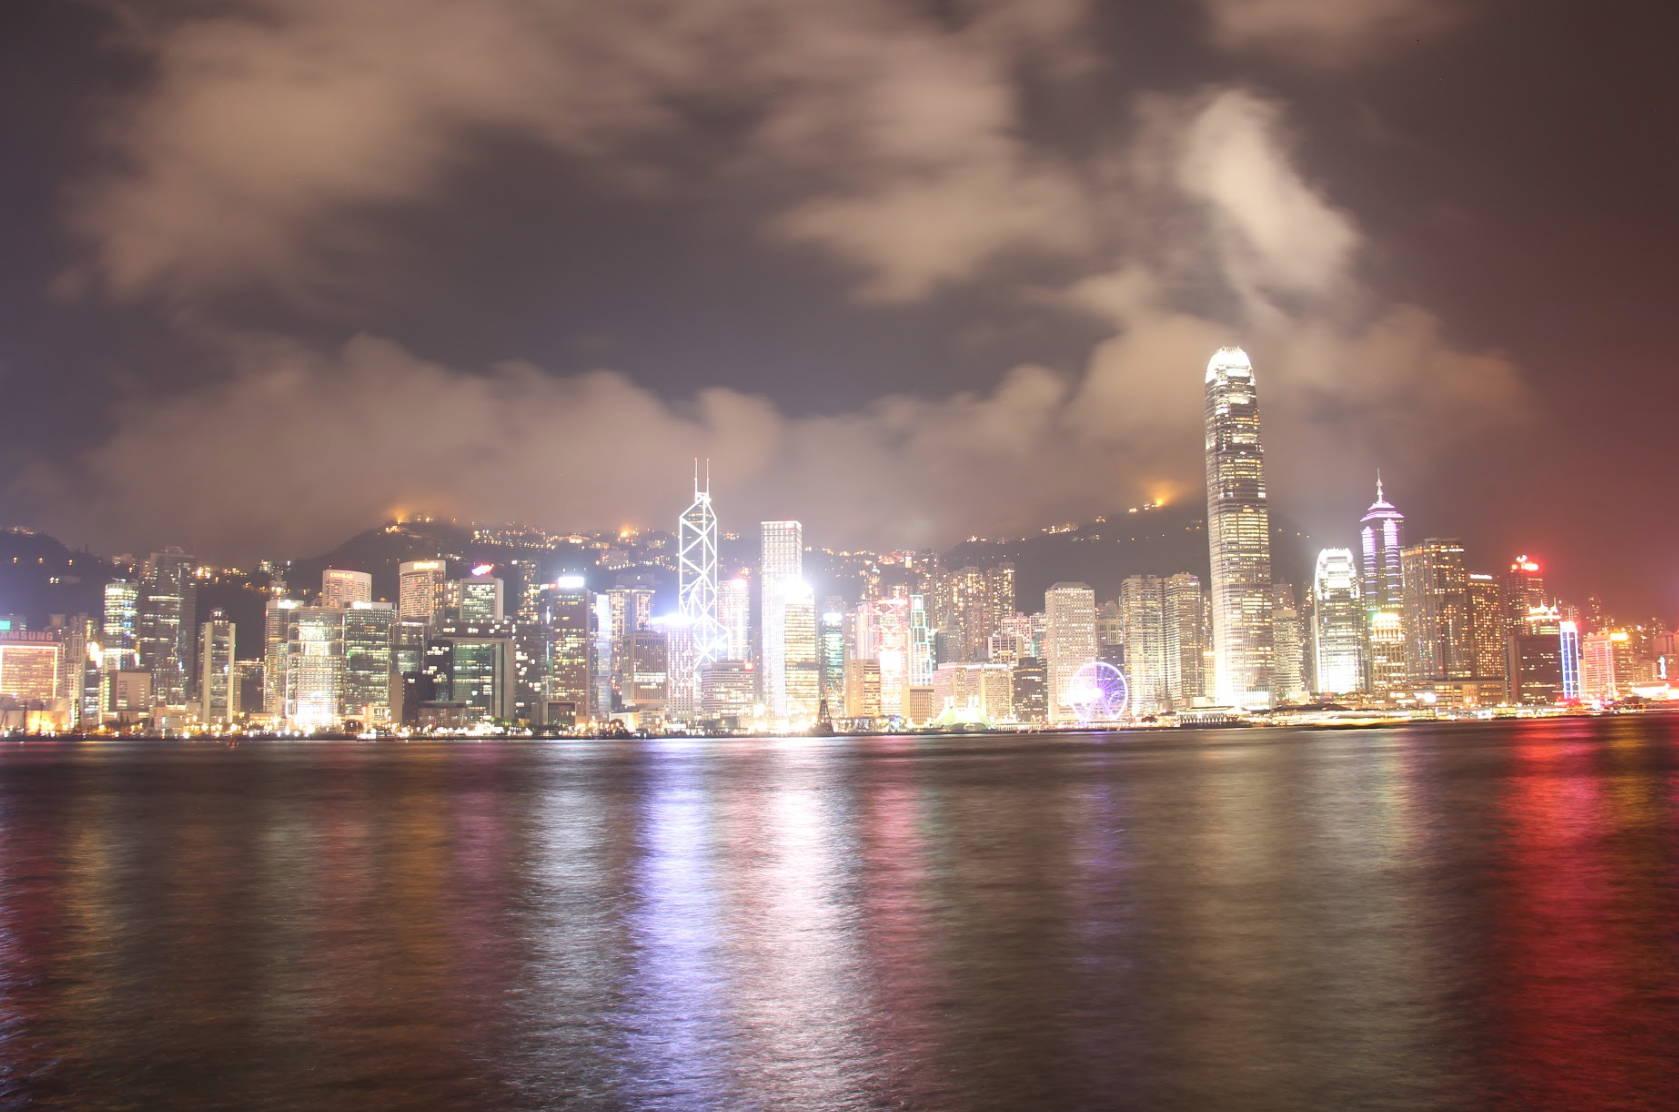 City view of Hong Kong in china